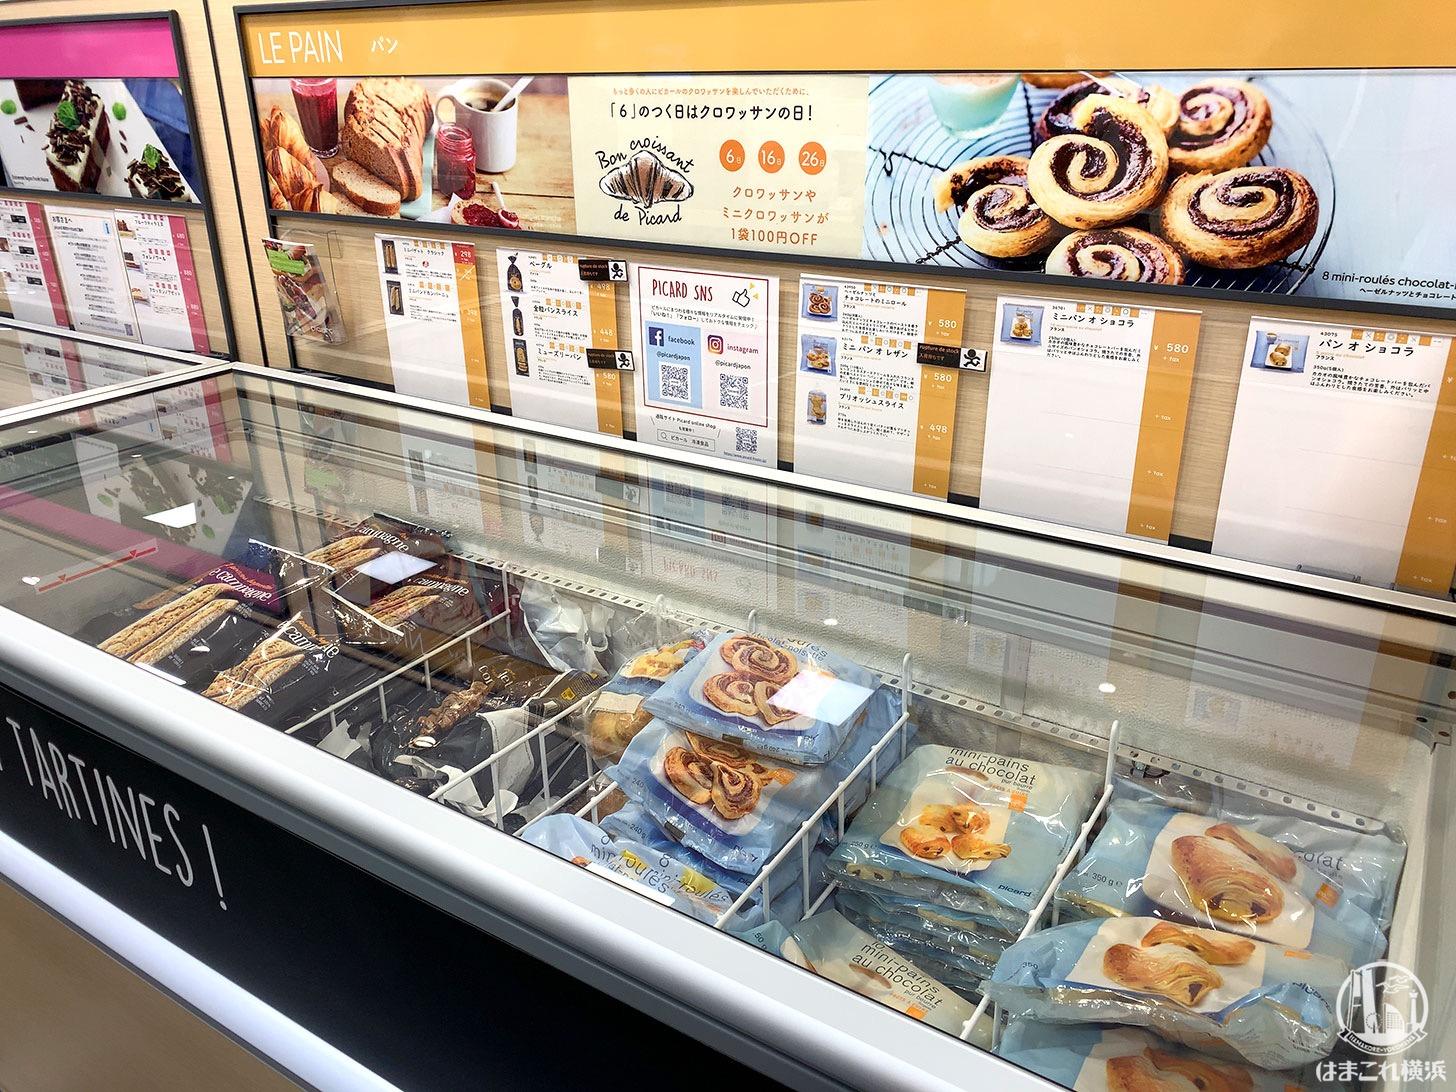 ピカール 横浜ベイクォーター店 パン